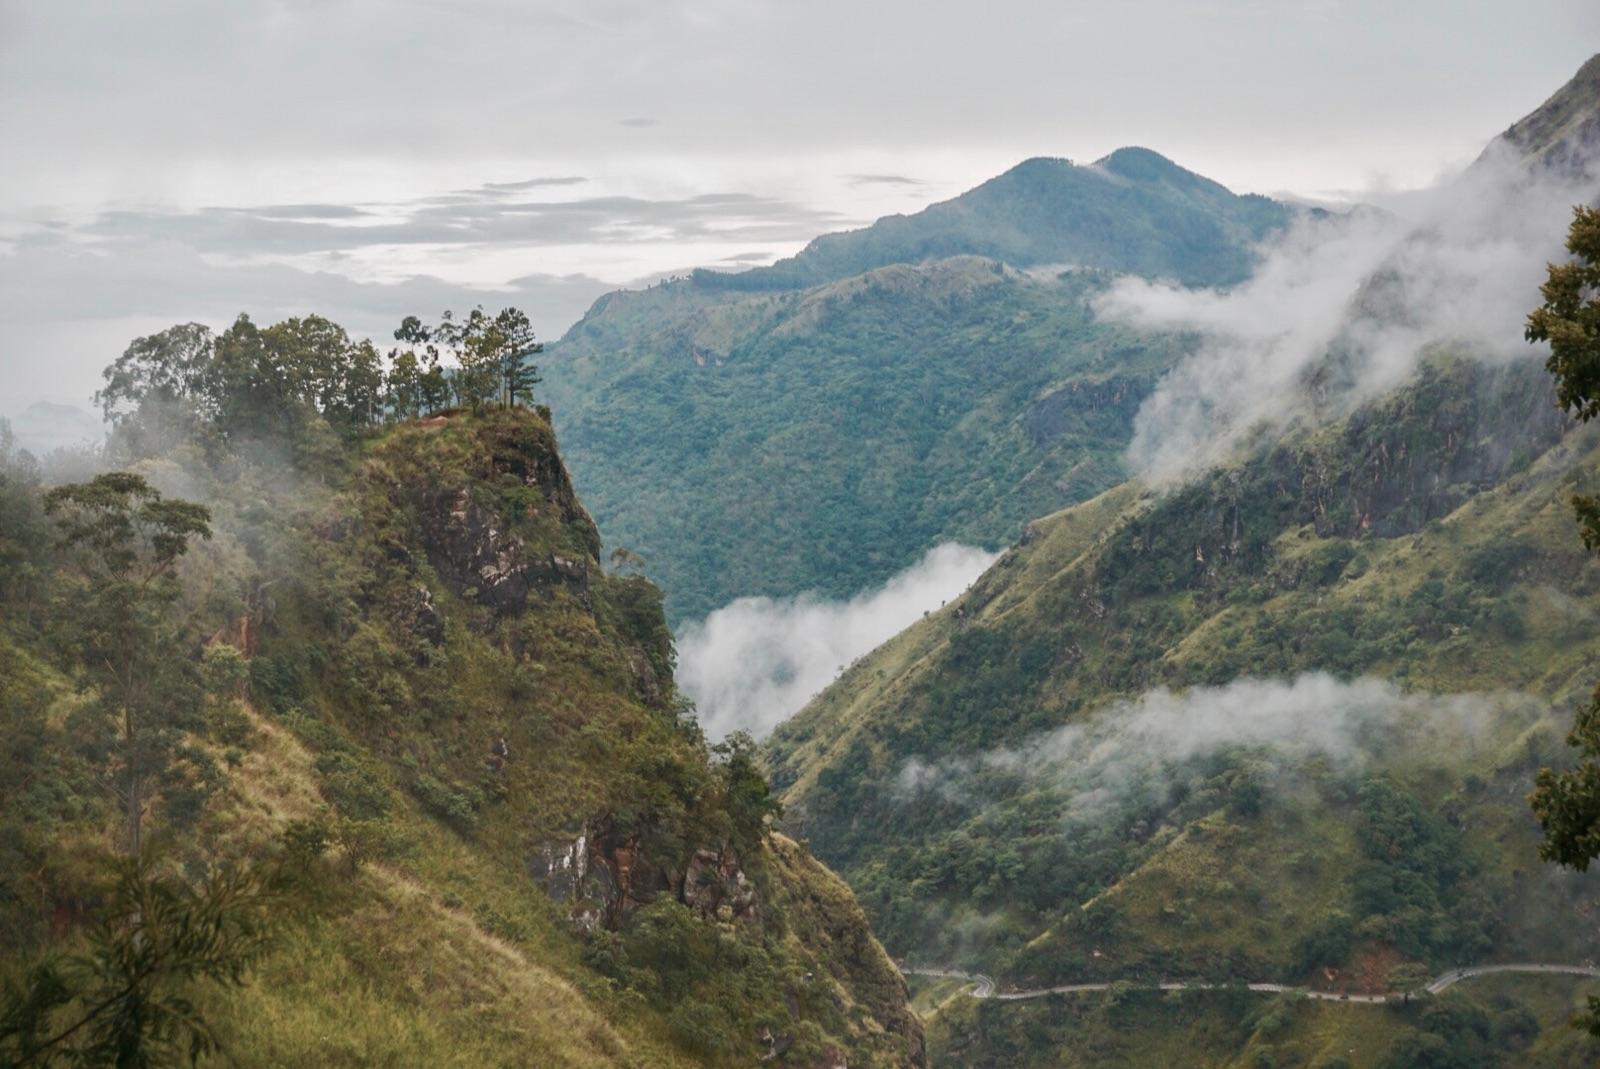 Misty views in Ella, Sri Lanka itinerary